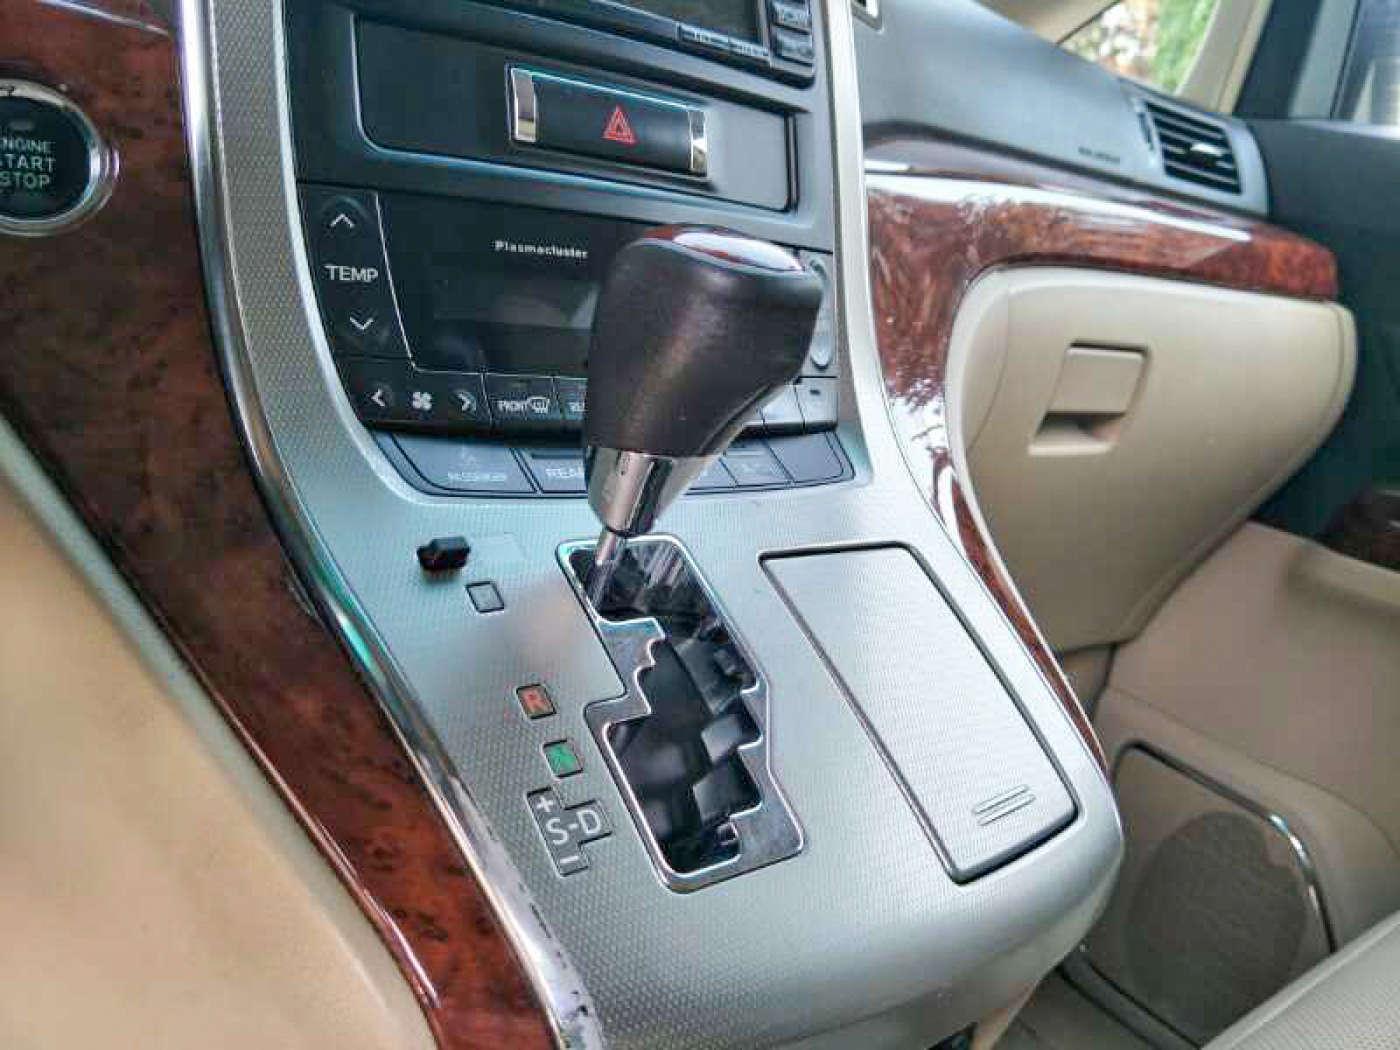 2010年12月 丰田 埃尔法 2011款 2.4L 豪华版|甄选丰田-北京卡斯基汽车服务有限公司